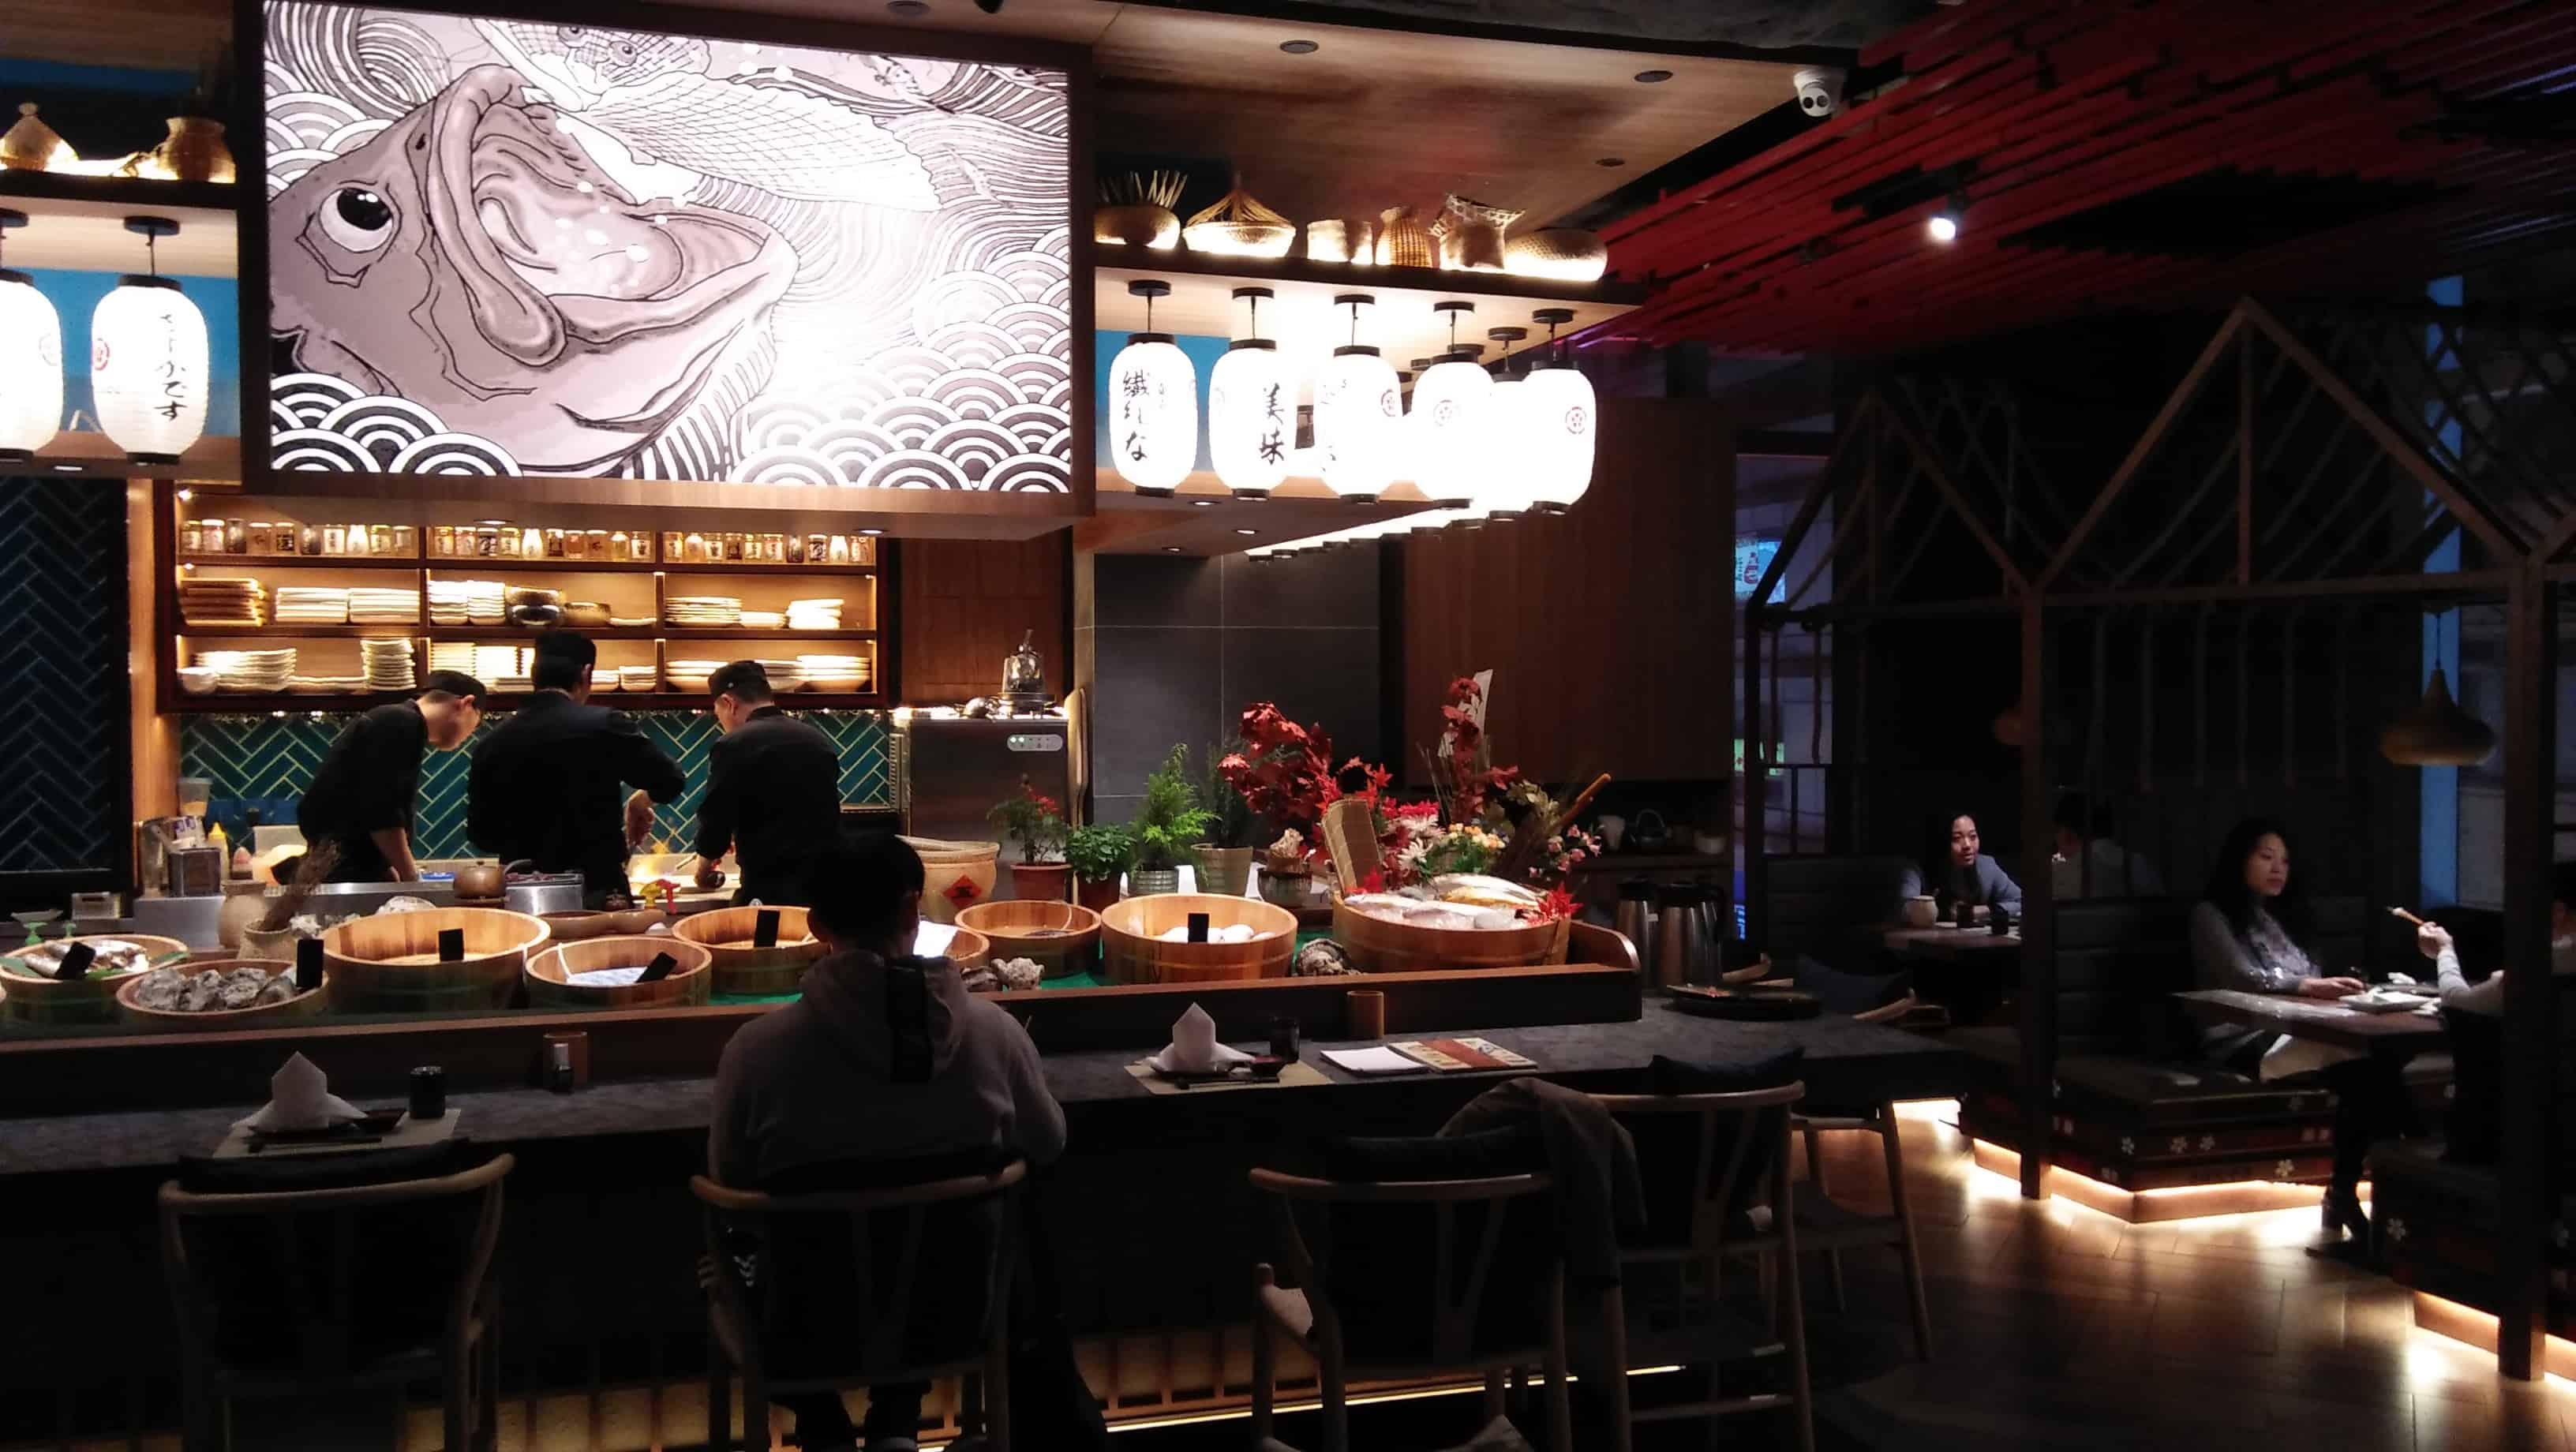 image-of-japanese-restaurant-in-mongkok-kowloon-hong-kong